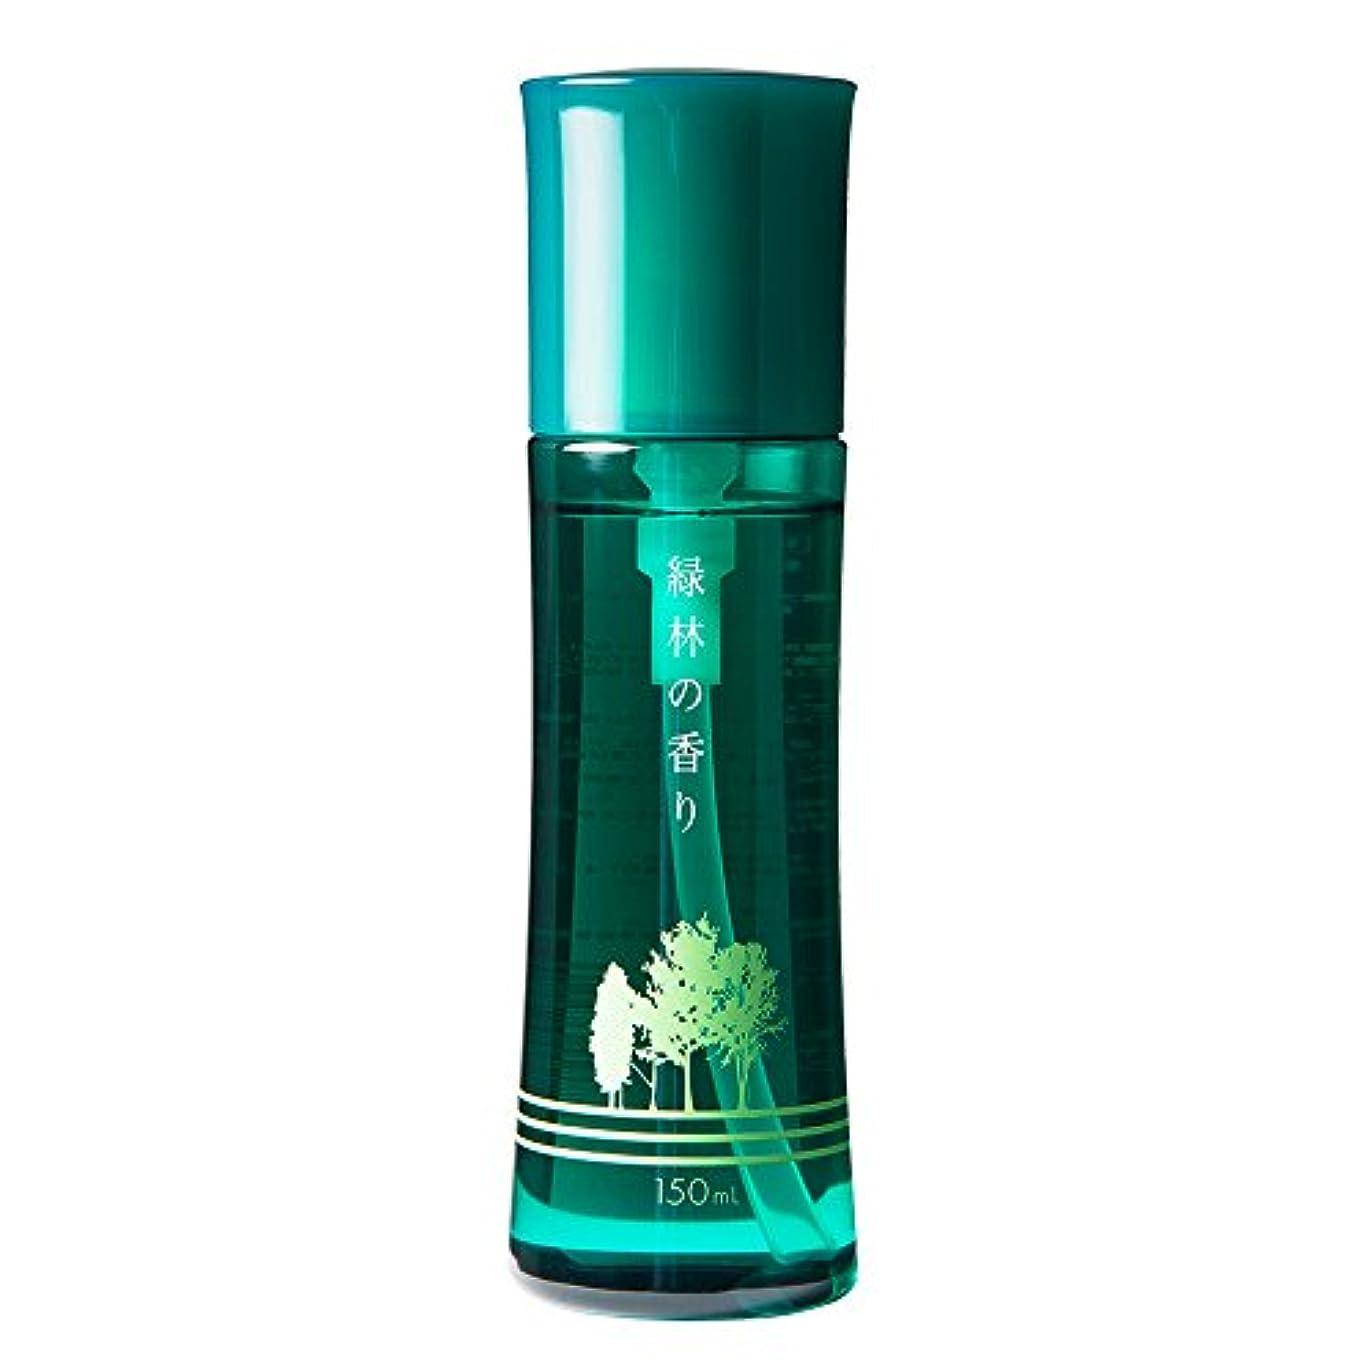 冷凍庫南アメリカ周辺芳香剤「緑林の香り(みどりの香り)」150mL 日本予防医薬